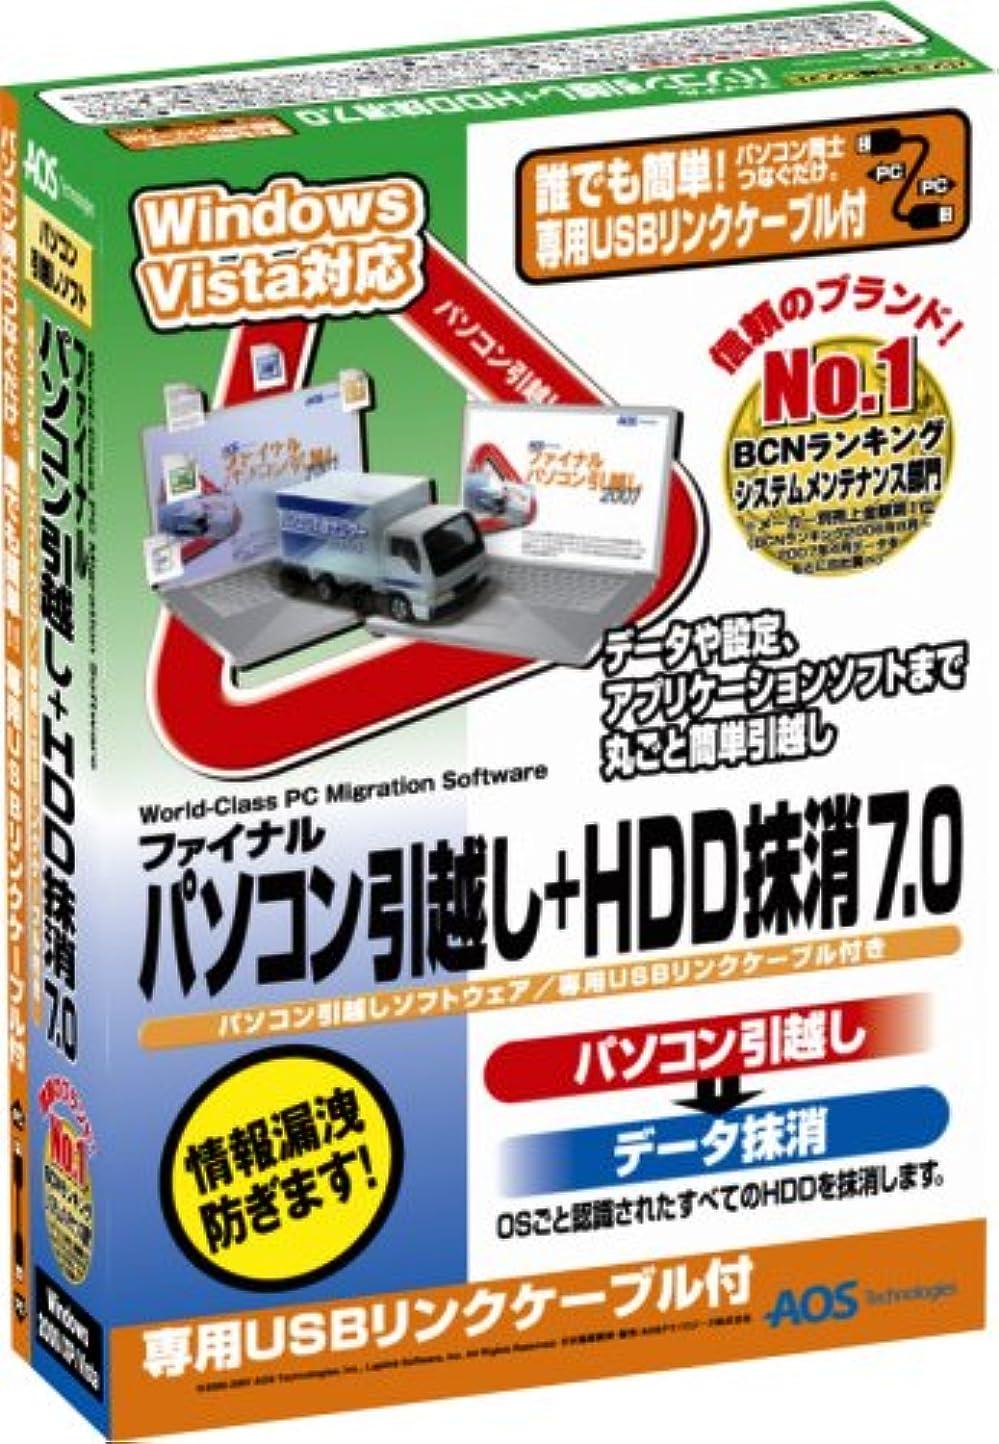 衝突コース電極調べるパソコン引越し+HDD抹消7.0 専用USBリンクケーブル付き (ファイナル)